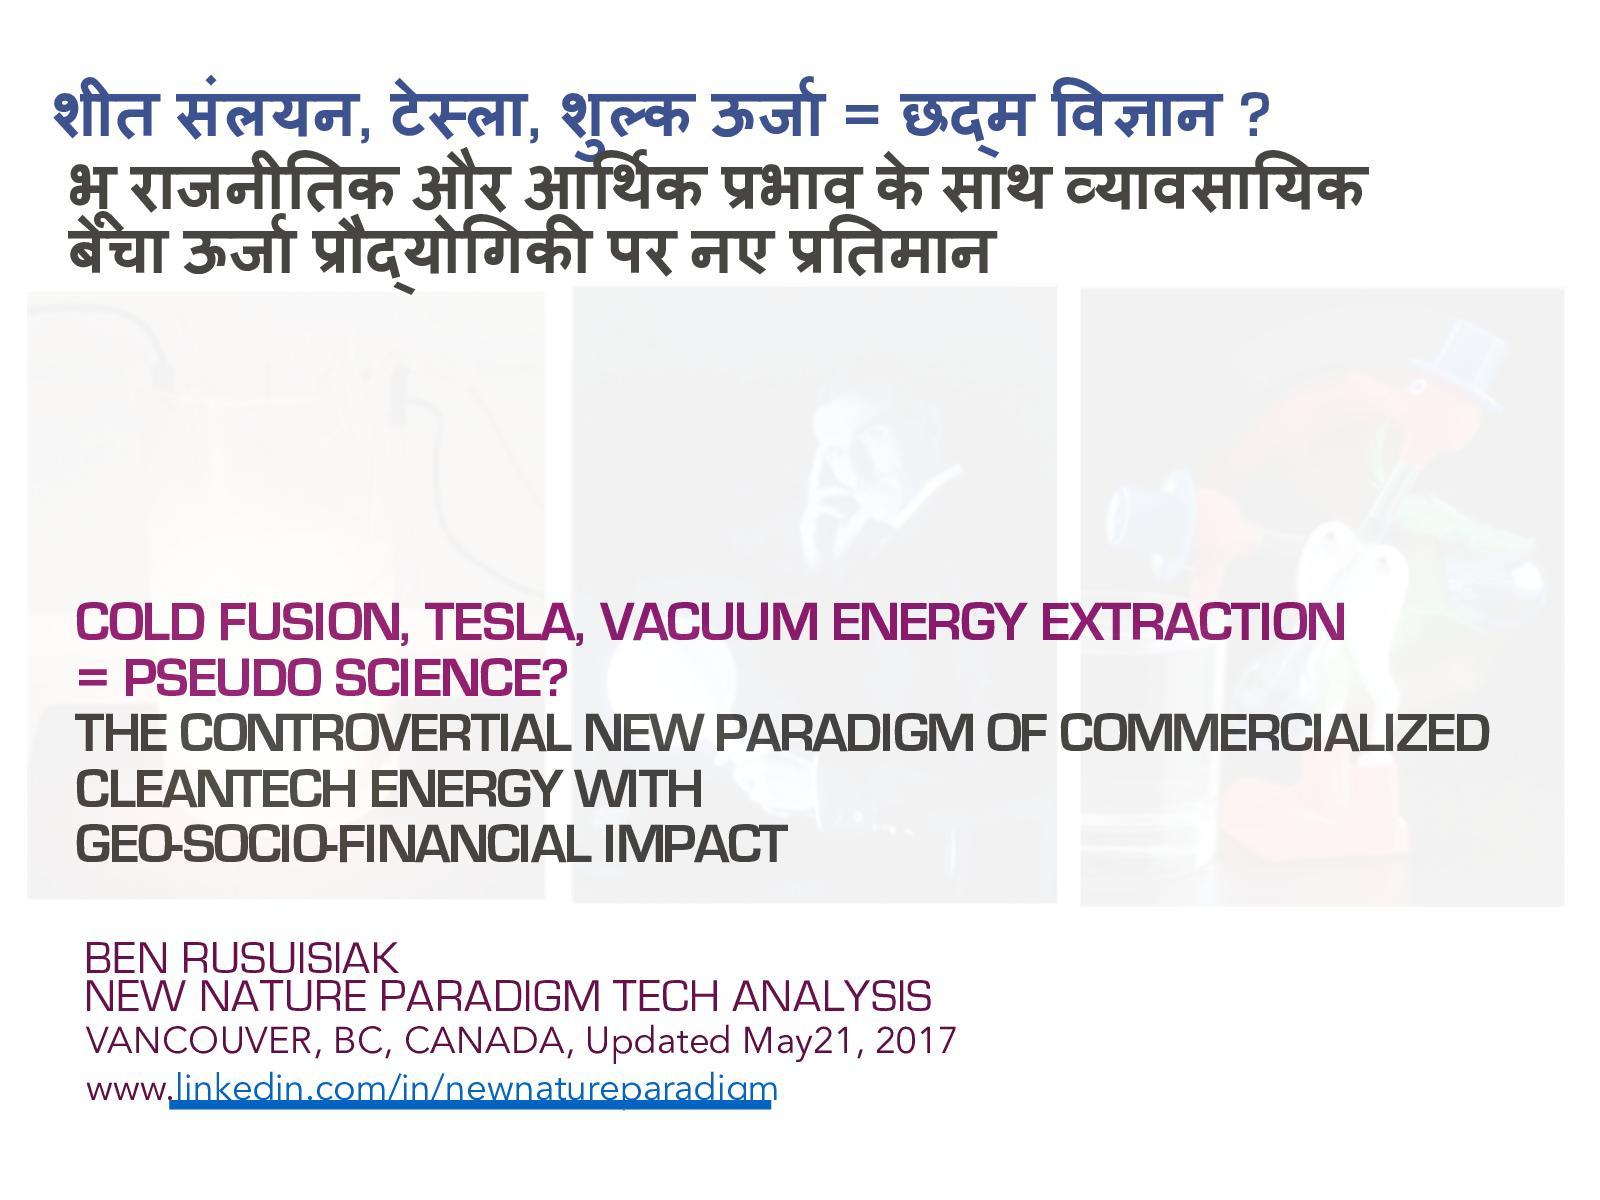 Calaméo - शीत संलयन, टेस्ला, शुल्क ऊर्जा